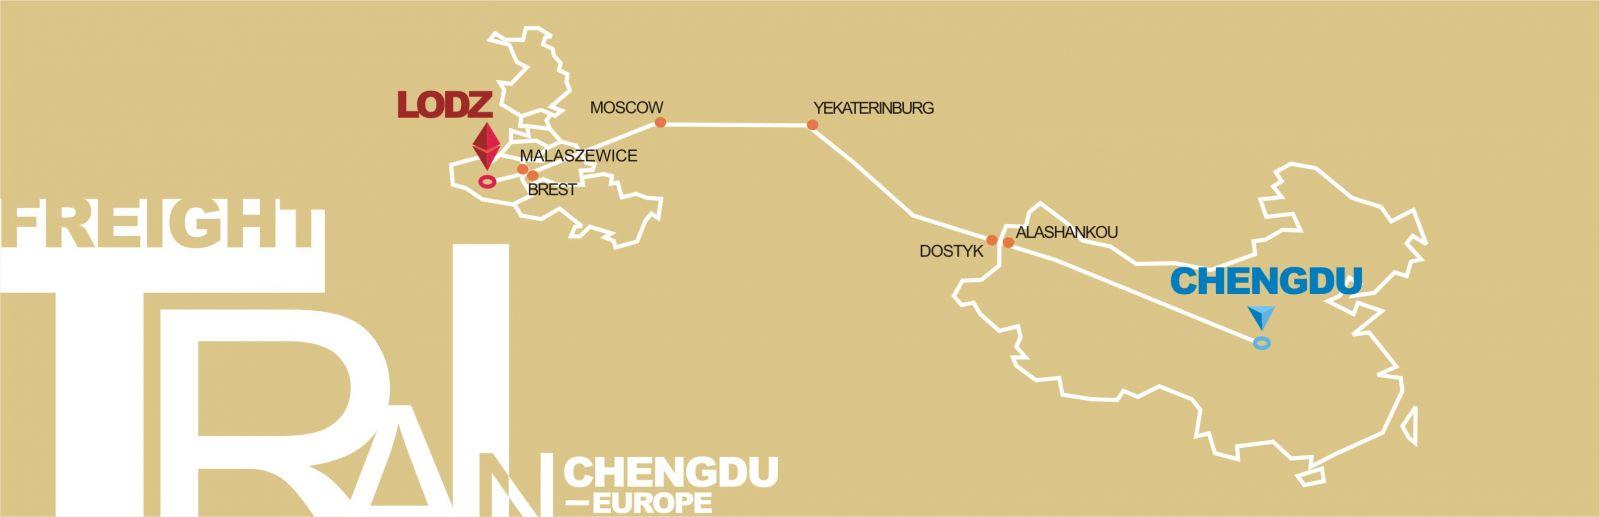 GoChengdu.cn